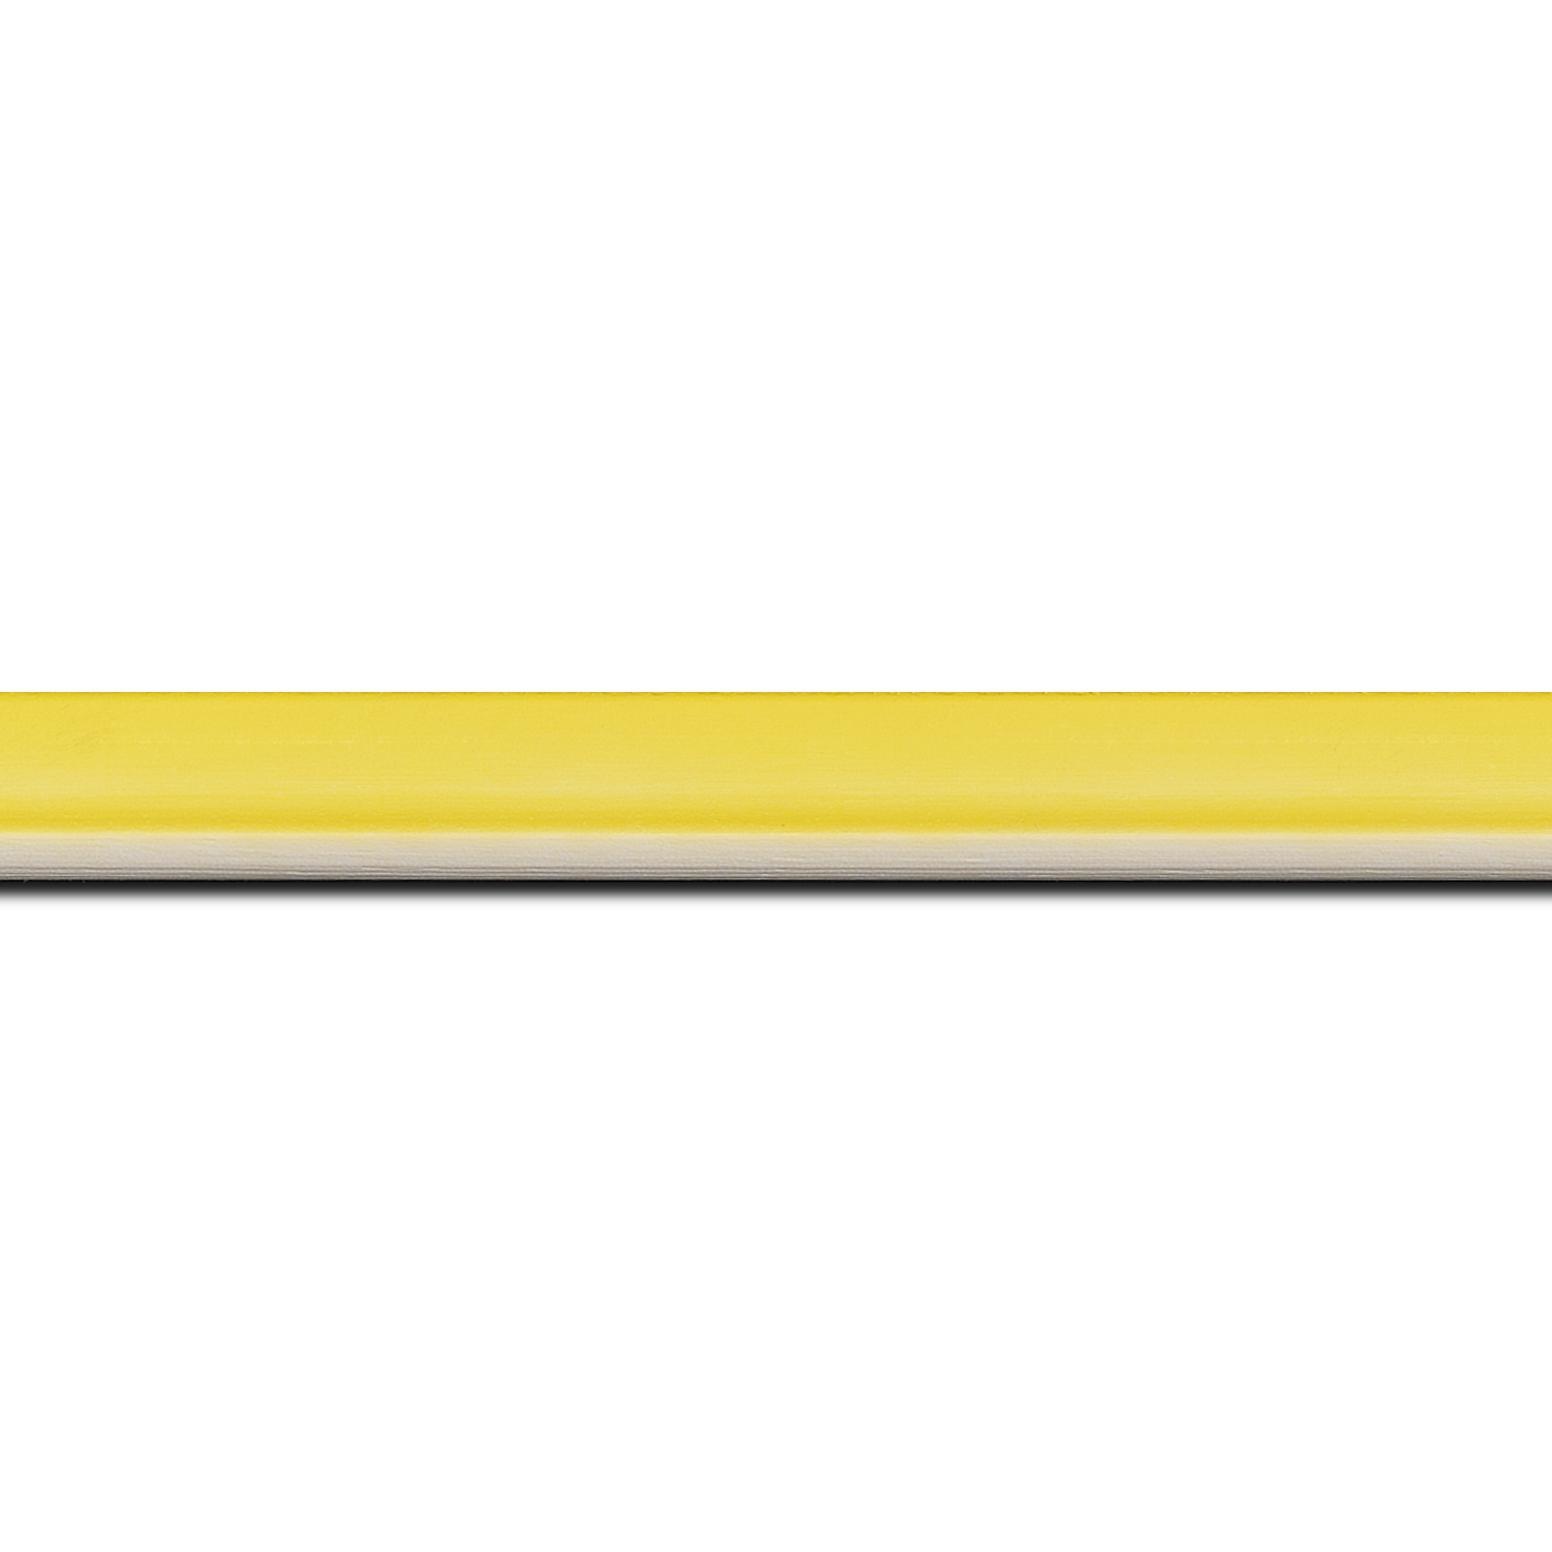 cadre bois jaune 60x60 pas cher cadre photo bois jaune 60x60 destock cadre. Black Bedroom Furniture Sets. Home Design Ideas